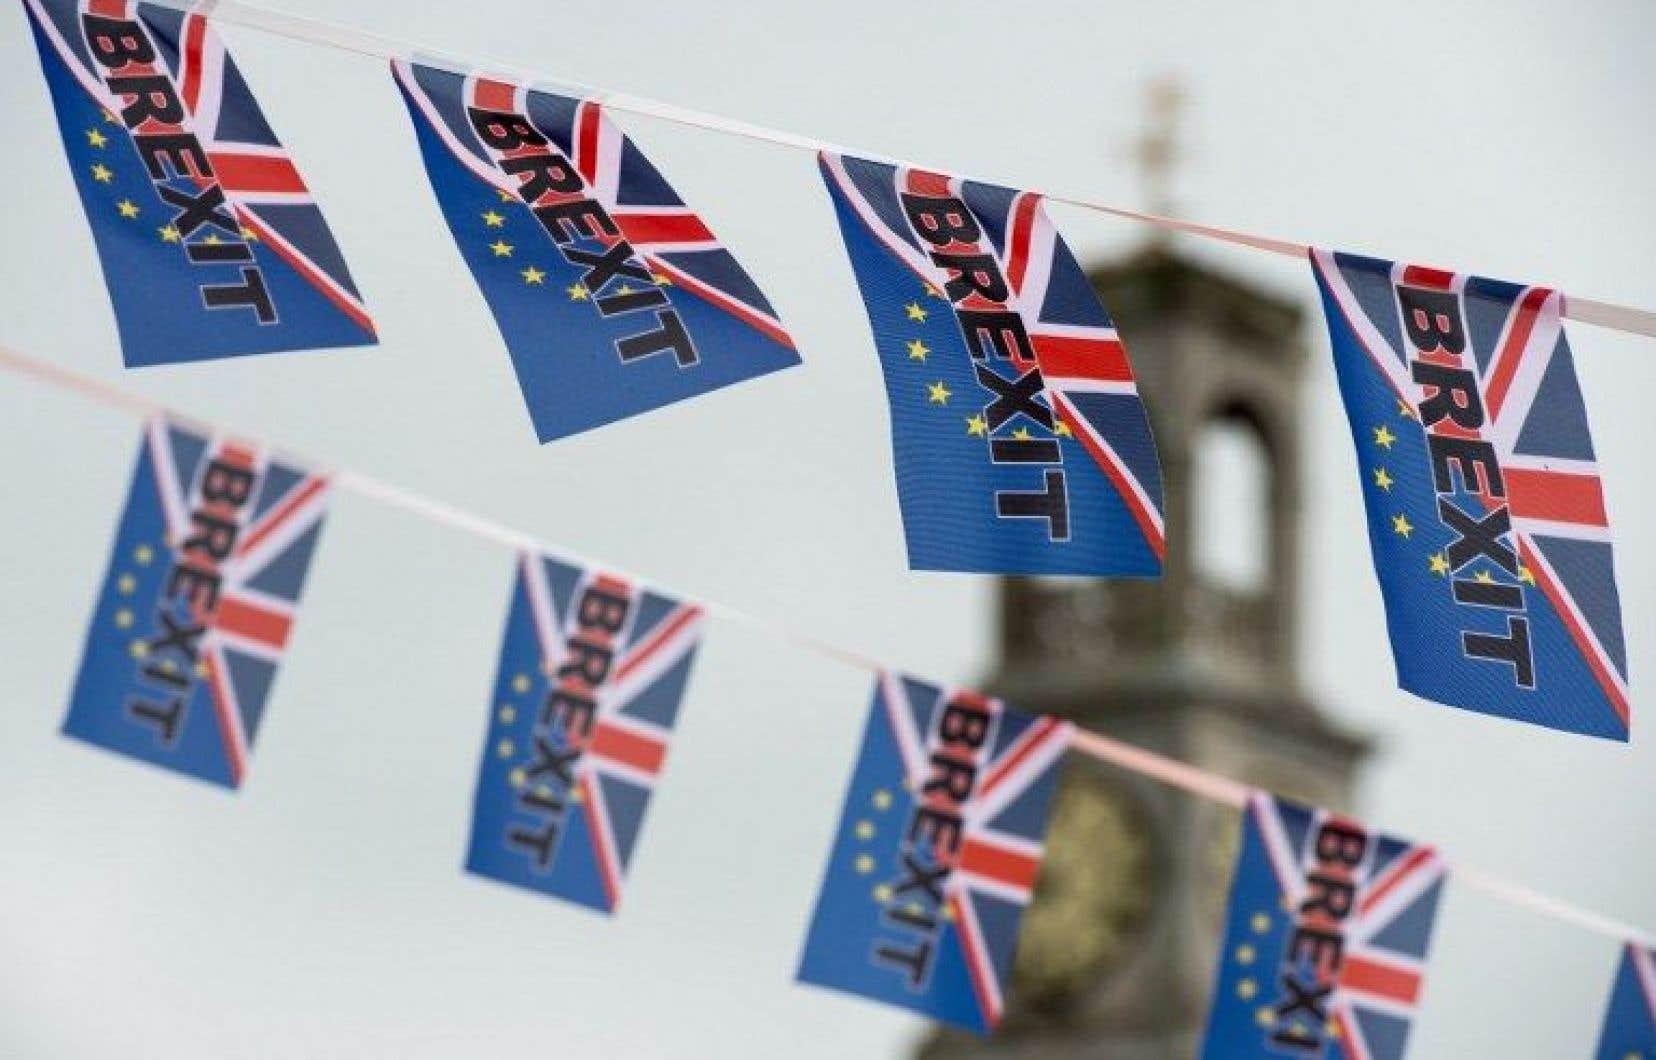 Le représentant permanent du Royaume-Uni à Bruxelles a informé l'Union européenne ce matin que la Grande-Bretagne activerait l'article 50 le 29 mars.